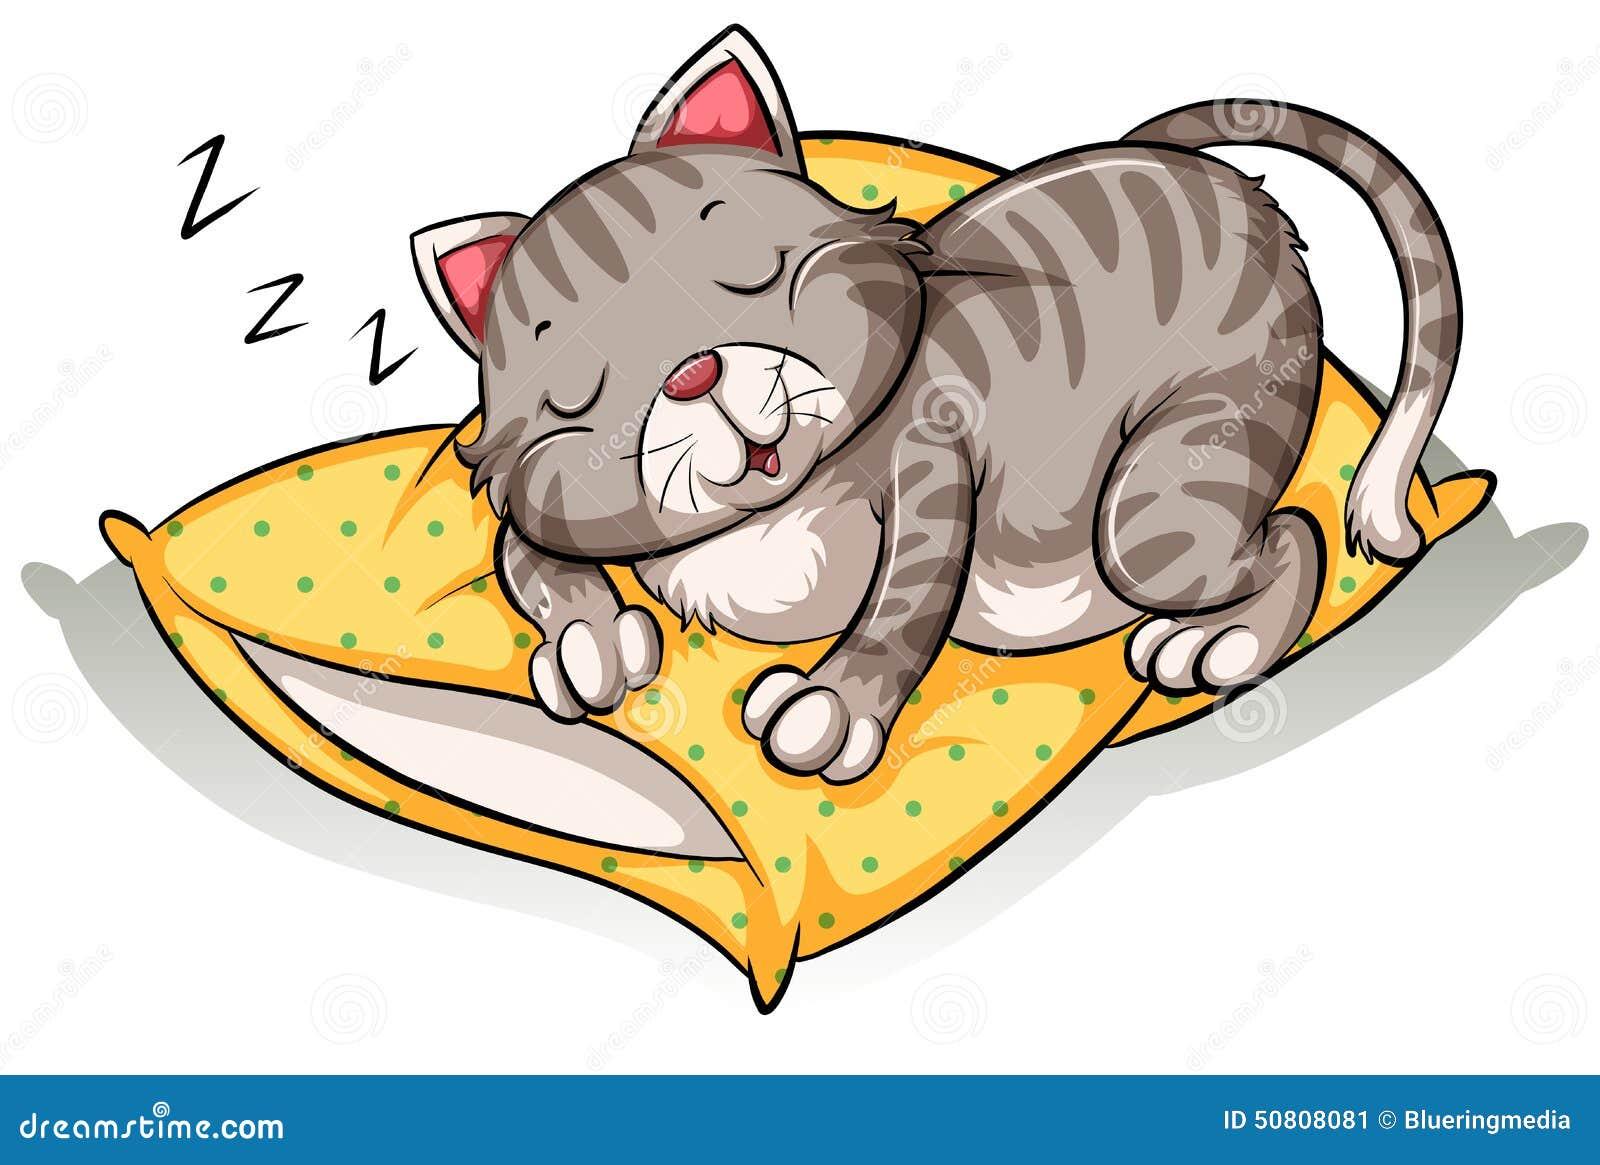 Gatto che dorme sopra il cuscino illustrazione vettoriale - Gatto disegno modello di gatto ...